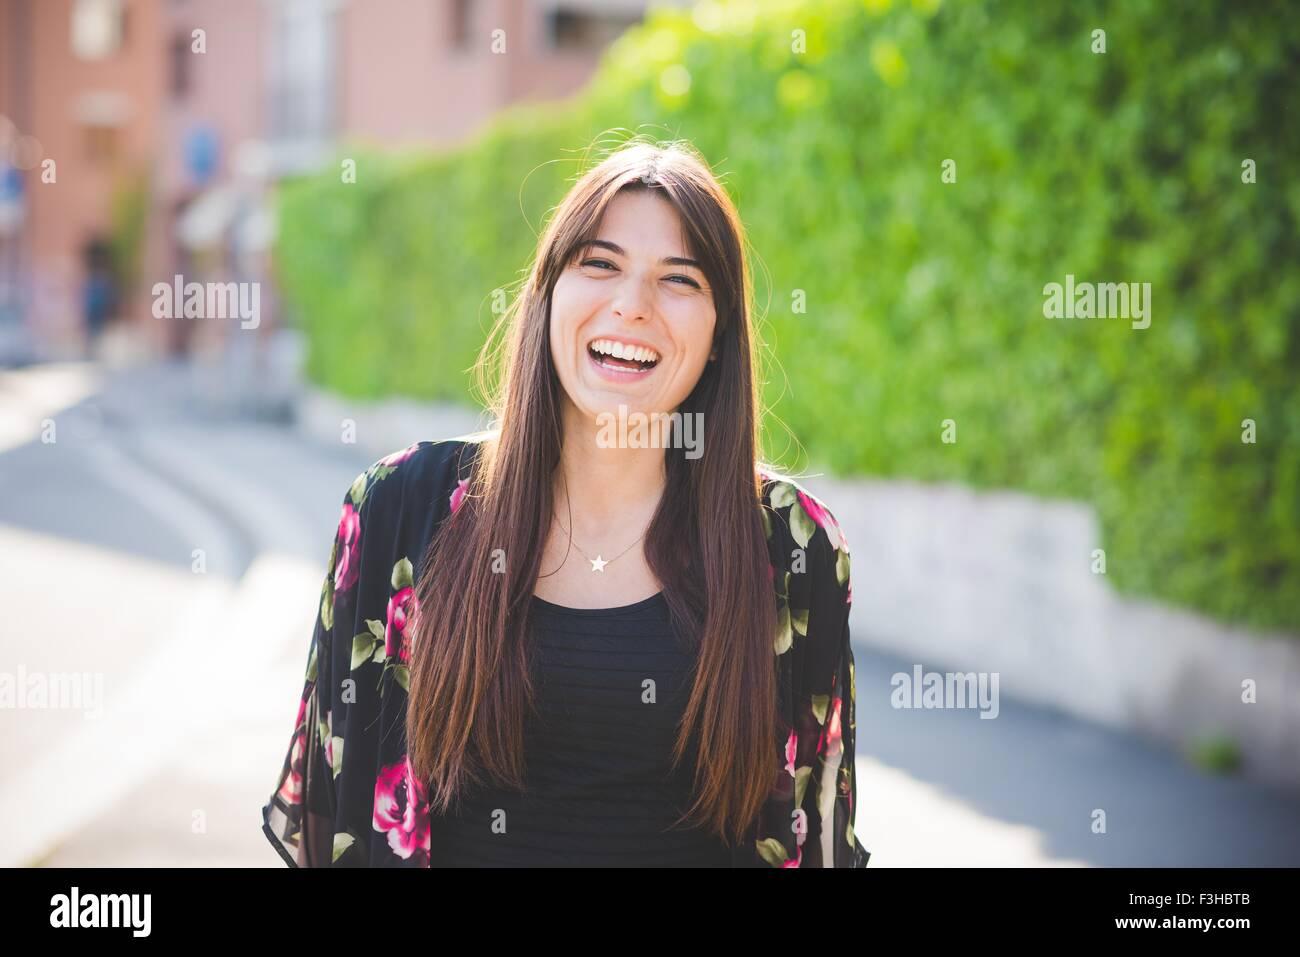 Ritratto di giovane donna con capelli lunghi marrone ridere Immagini Stock